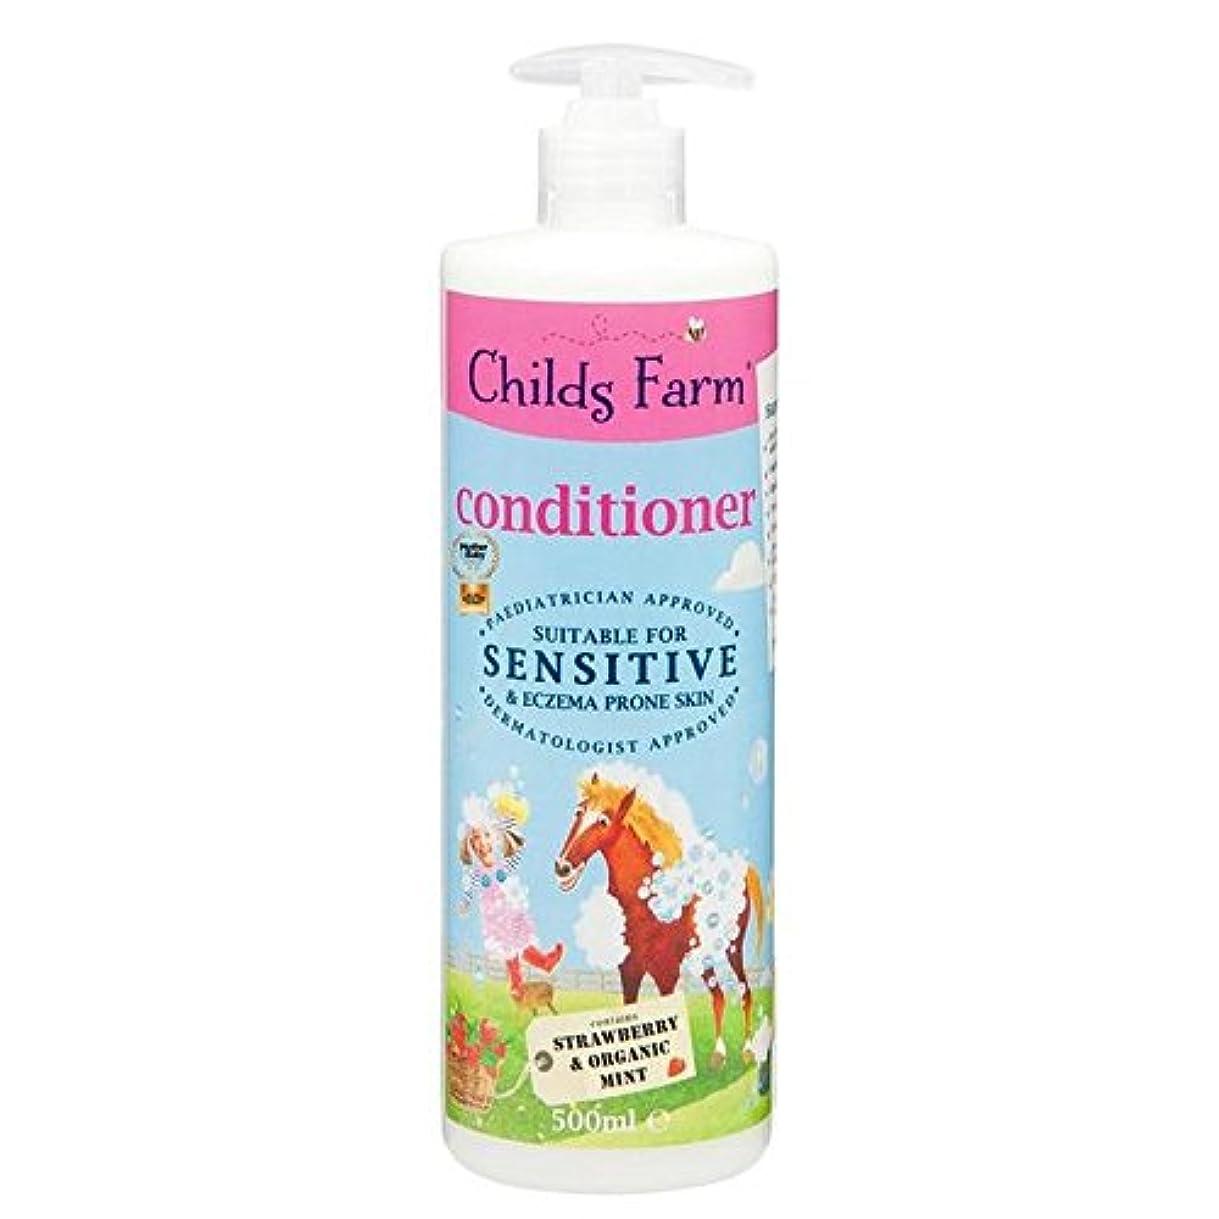 制限する近々対象Childs Farm Conditioner for Unruly Hair 500ml (Pack of 6) - 手に負えない髪の500ミリリットルのためのチャイルズファームコンディショナー x6 [並行輸入品]